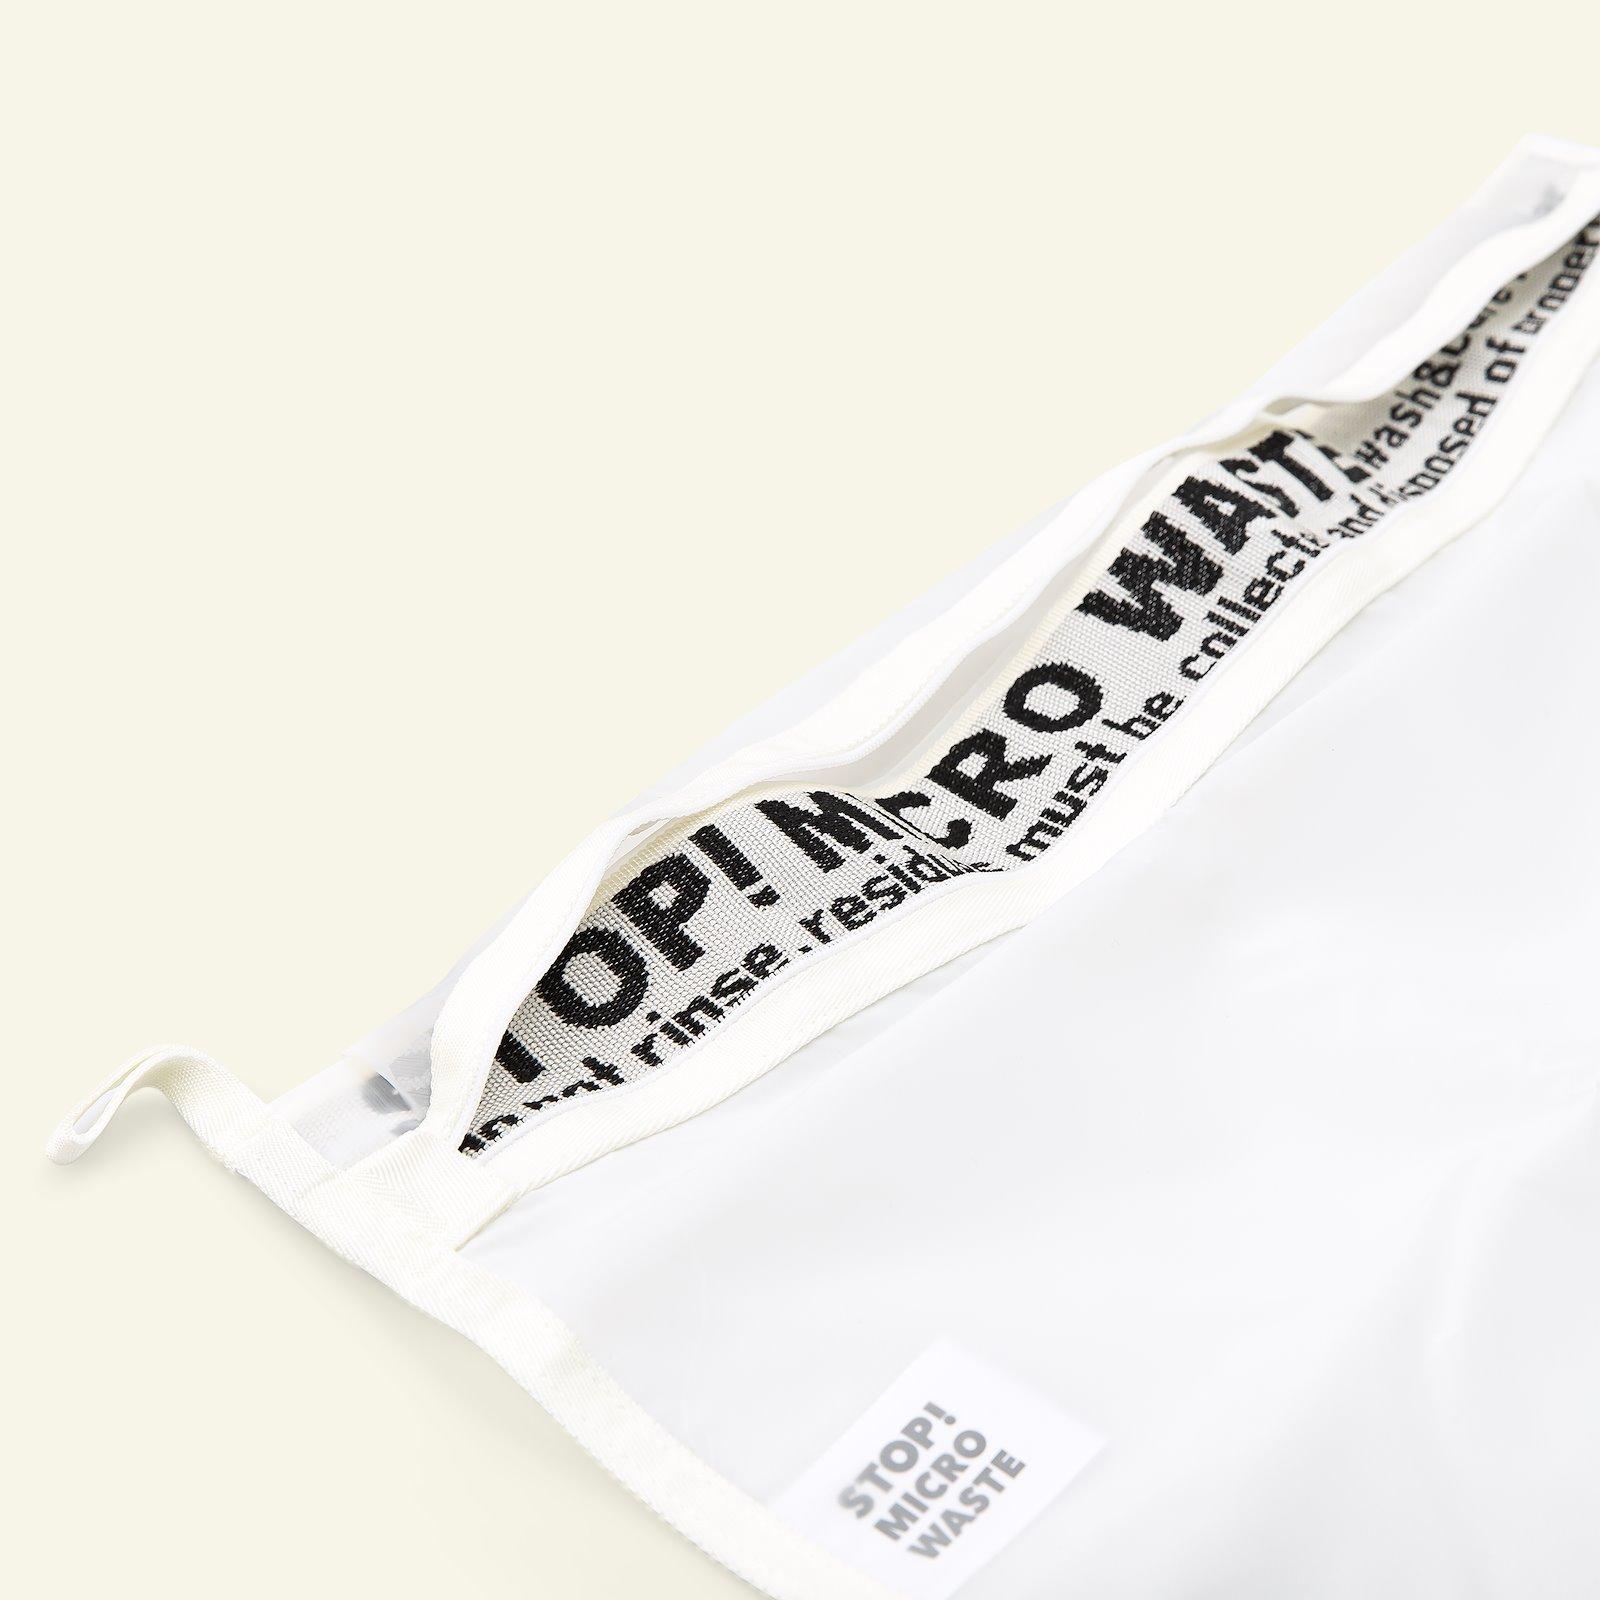 Guppyfriend laundry bag 50x74cm 1pc 39104_pack_d